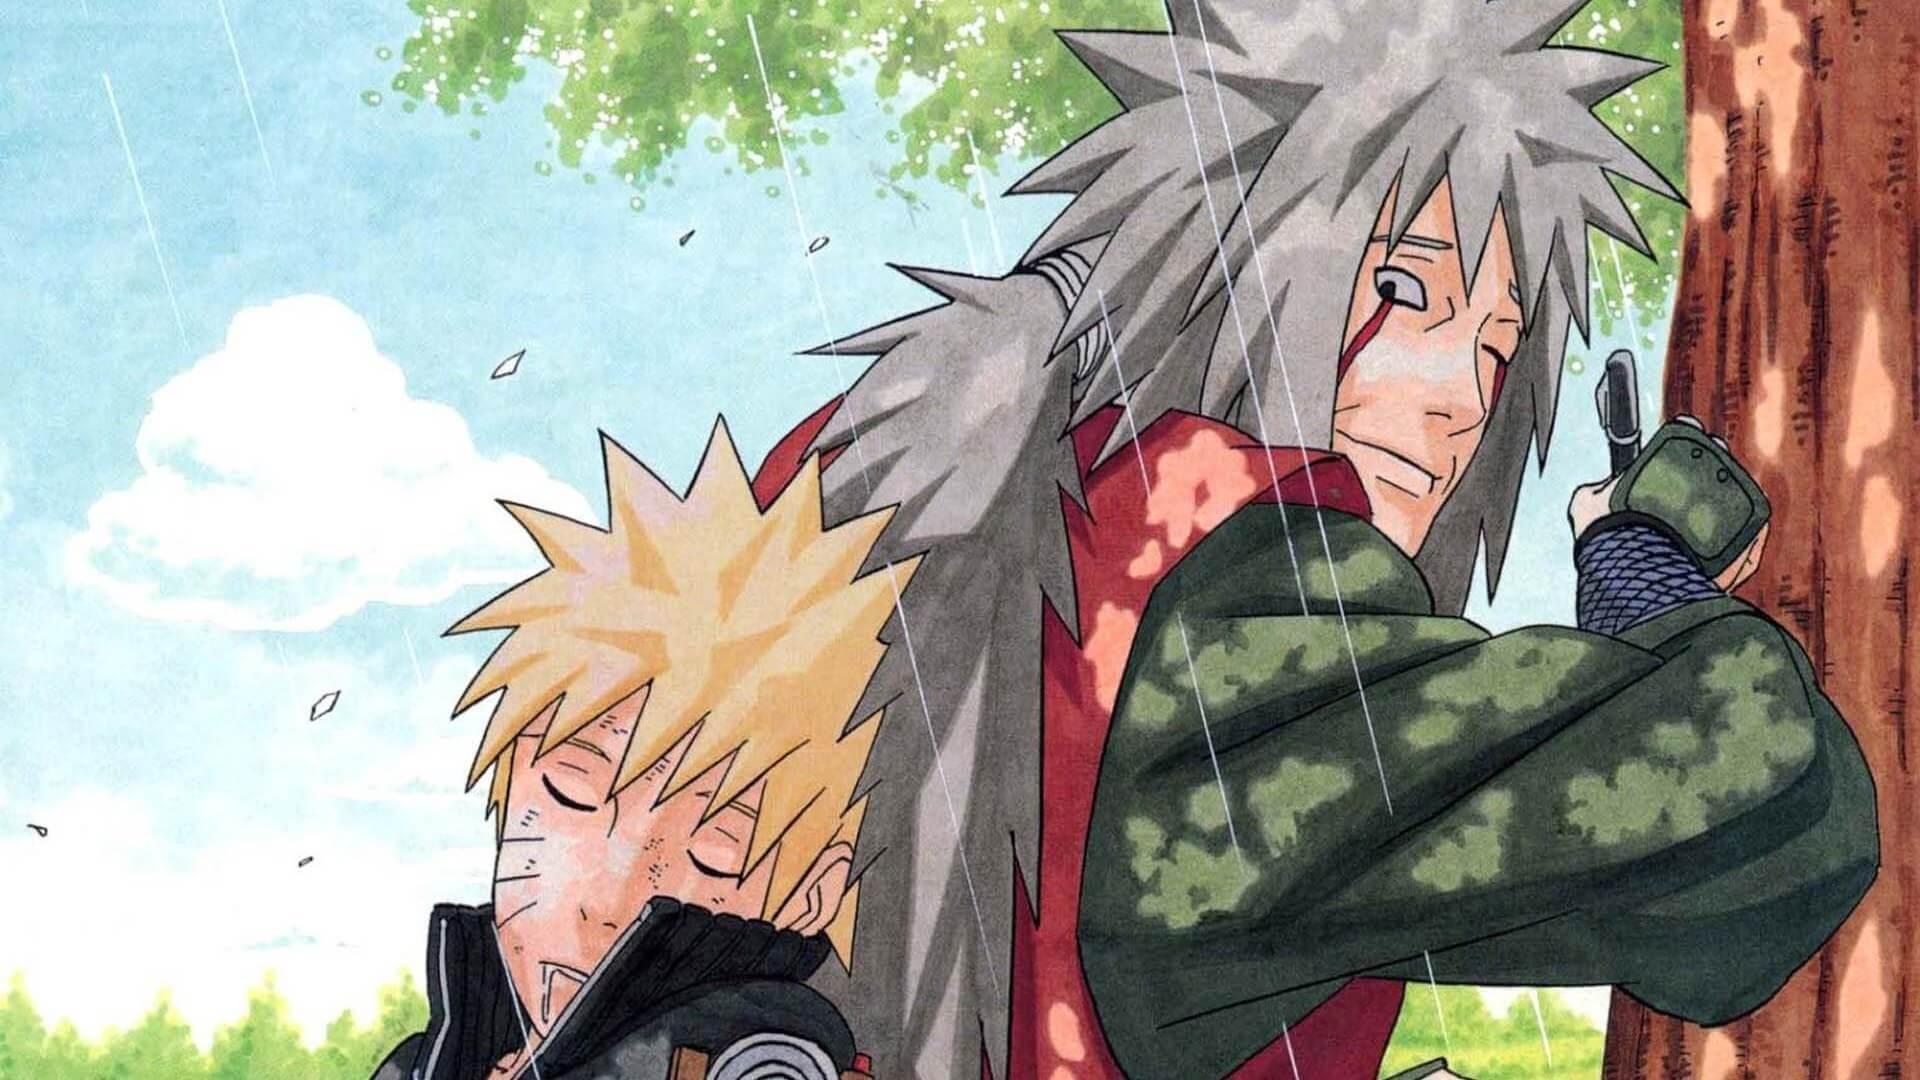 Best Jiraiya Quotes From Naruto